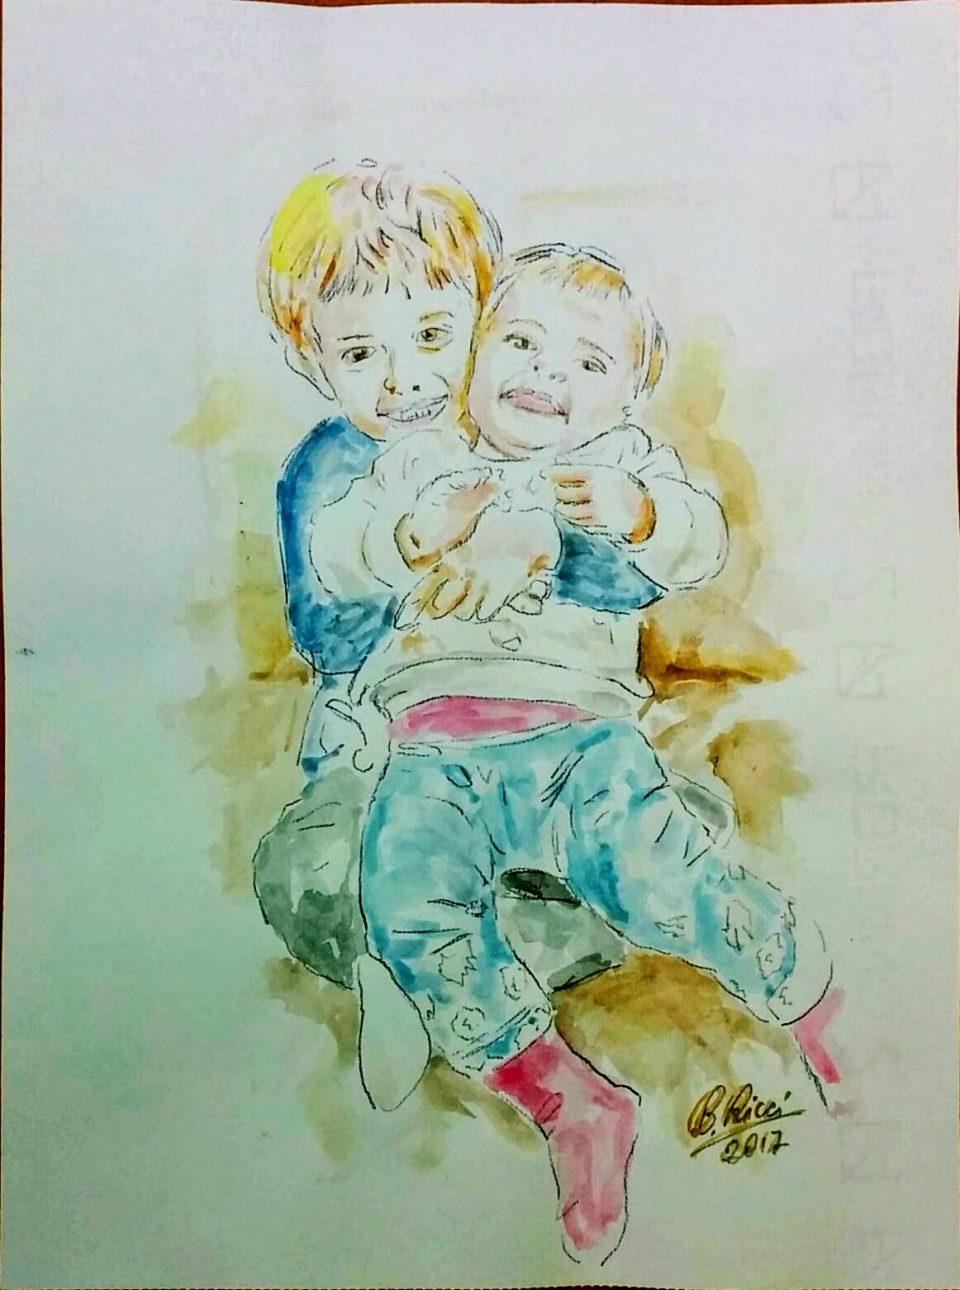 I nipotini Pietro e Anna abbracciati acquarello 2017